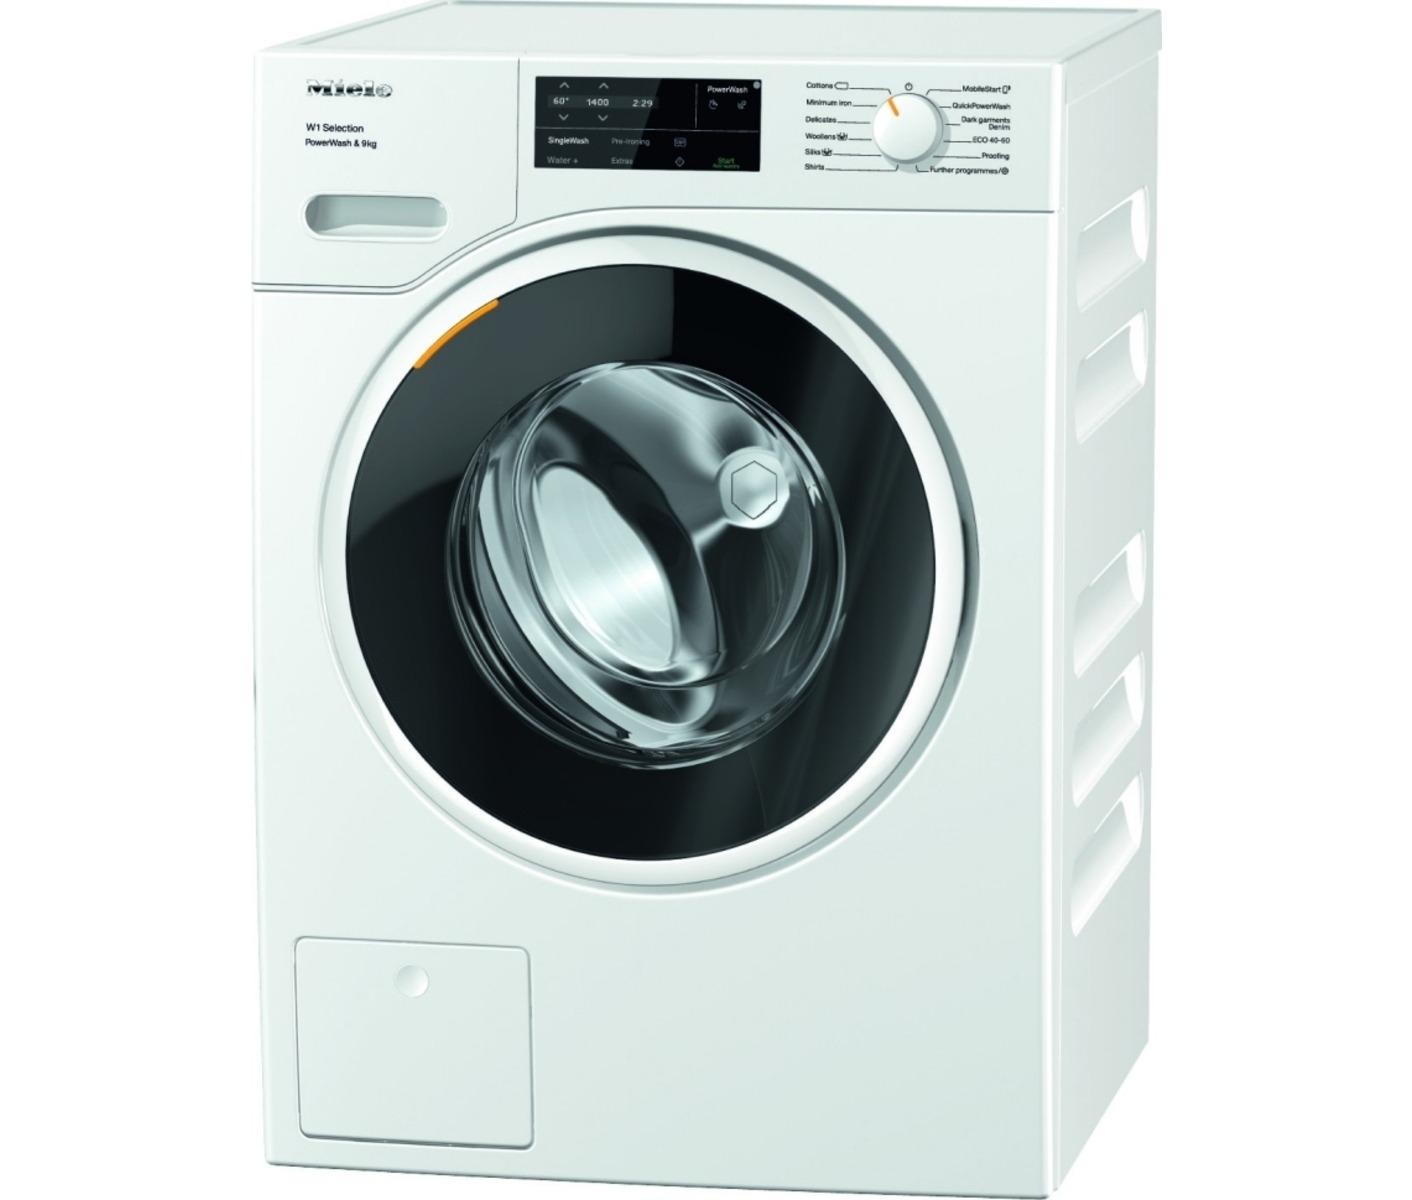 bästa tvättmaskinen 2020